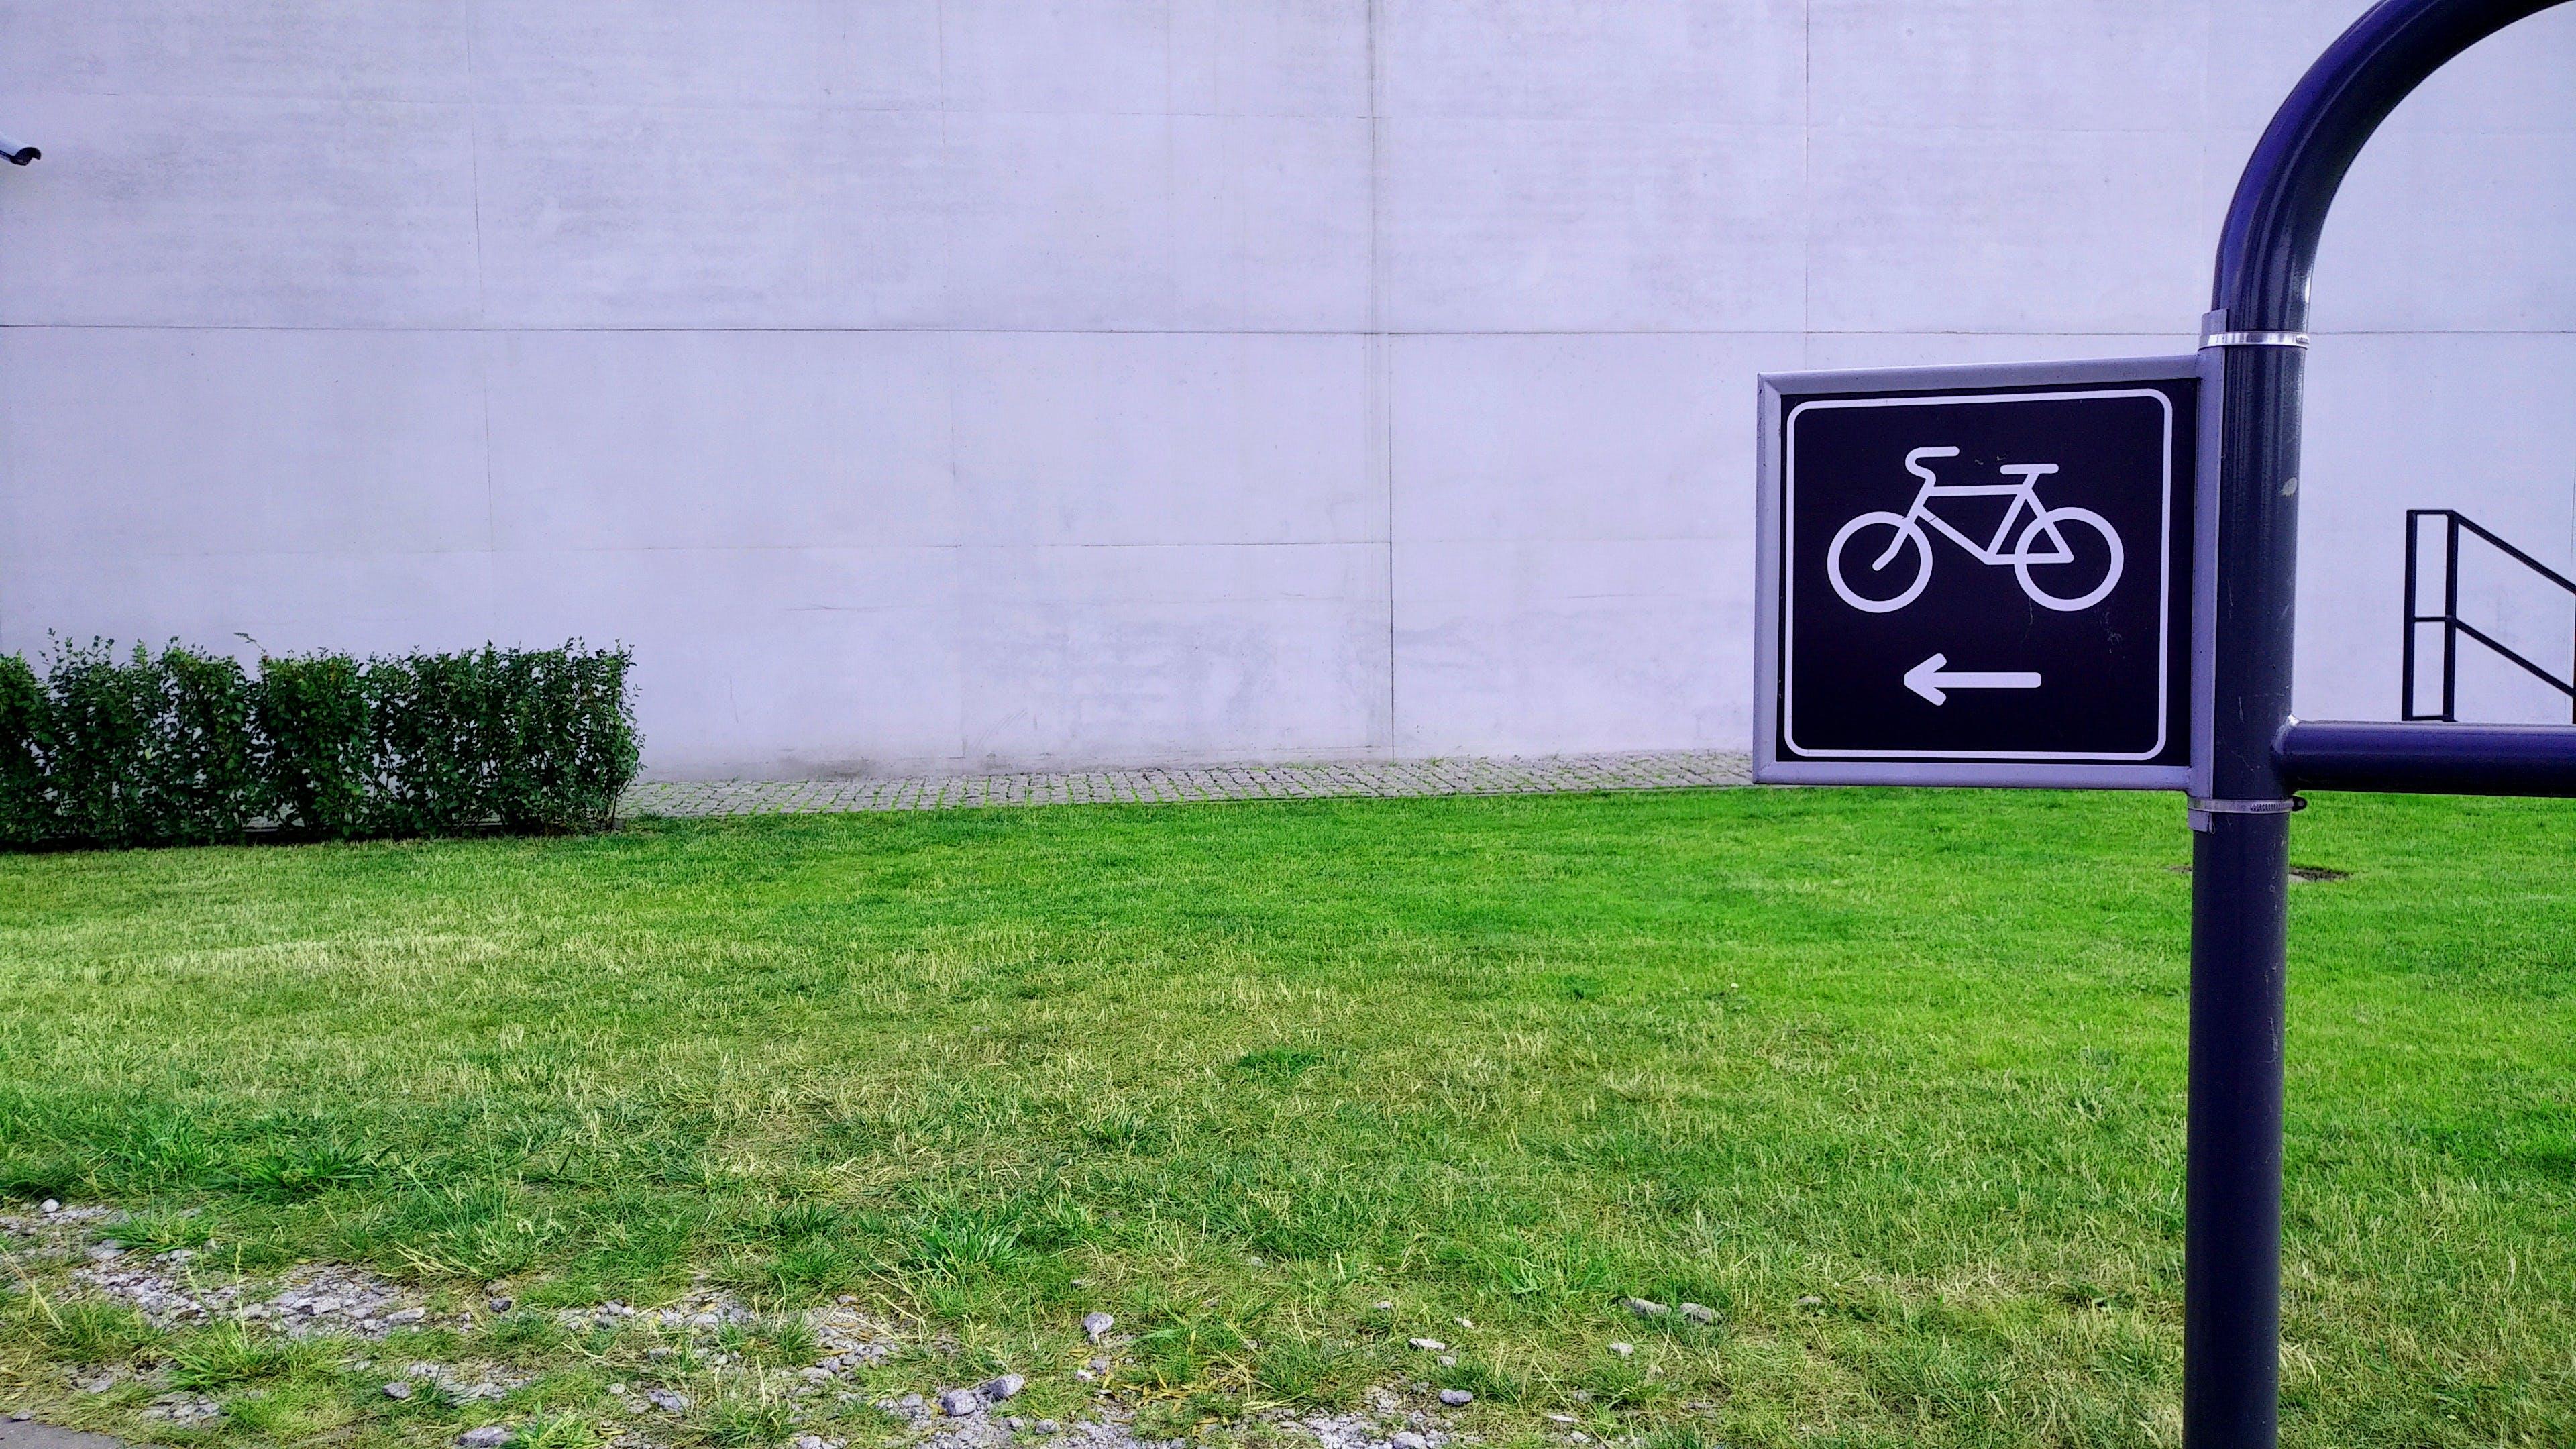 คลังภาพถ่ายฟรี ของ droga rowerowa, จาน, ติดตามจักรยาน, ป้ายจักรยาน